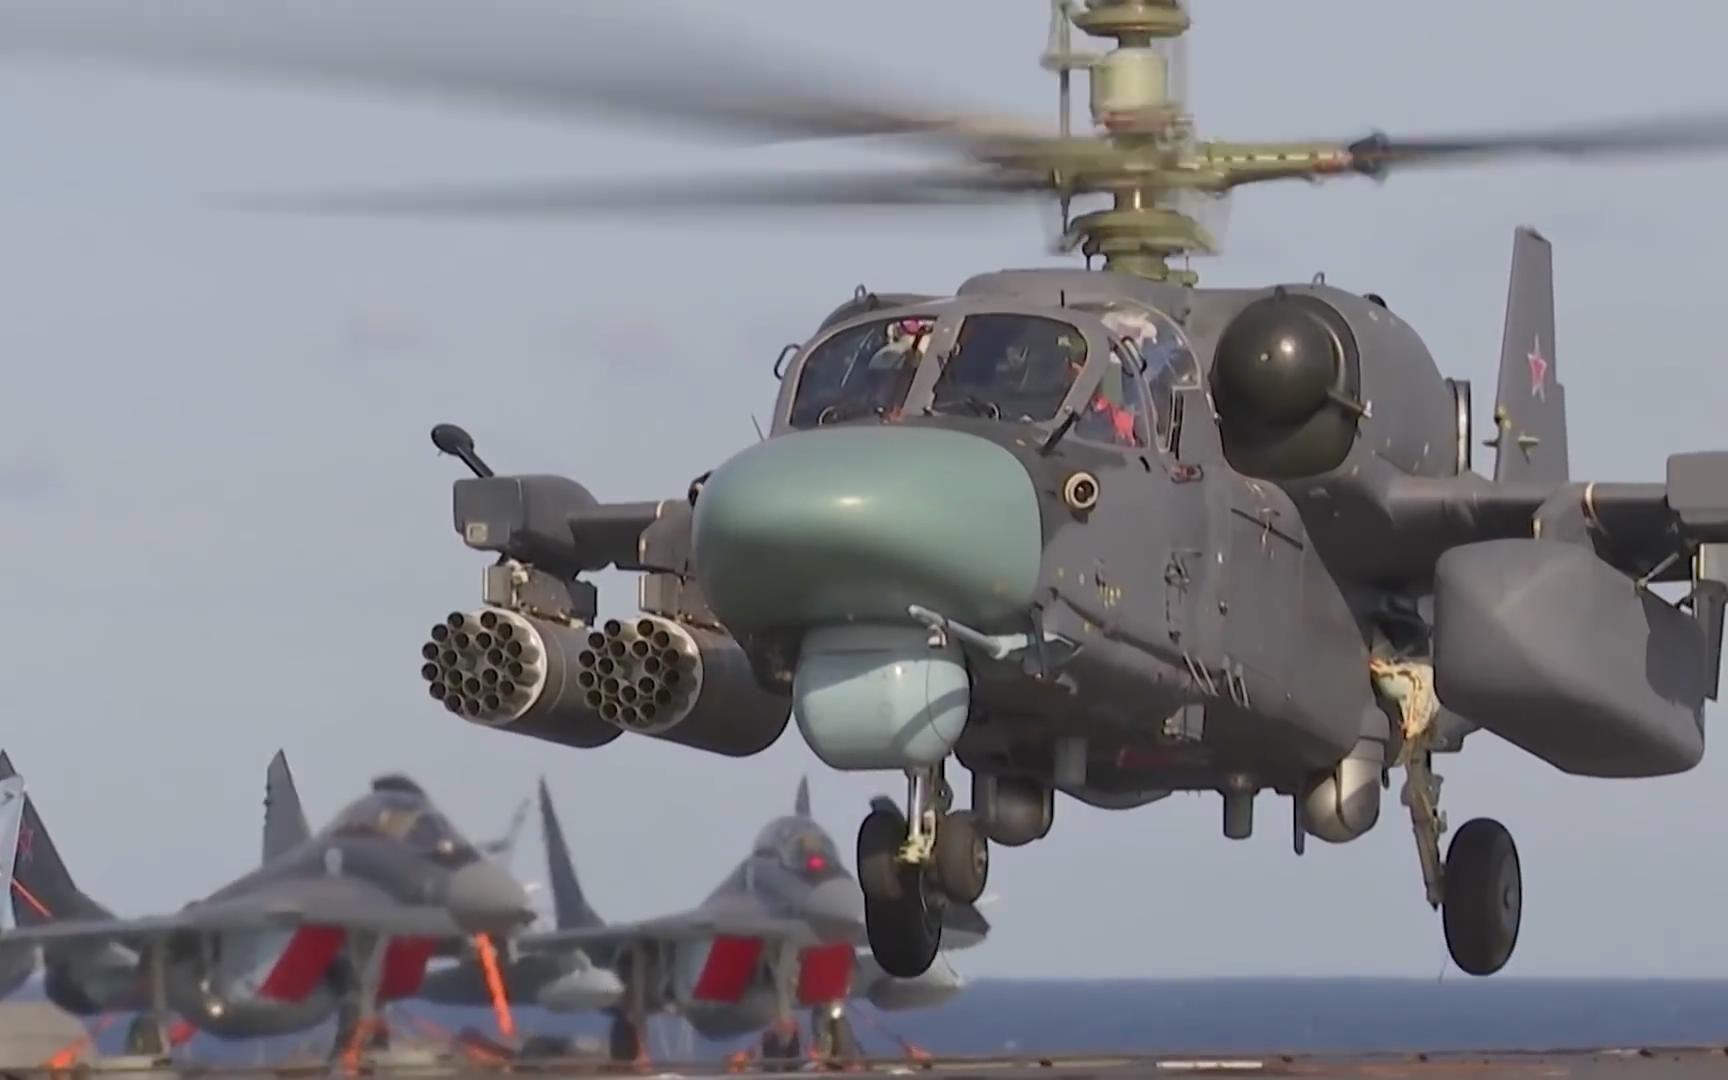 """卡-52在2016年就曾经跟随""""库兹涅佐夫元帅""""号航空母舰远赴叙利亚战场,经历了实战的洗礼。"""